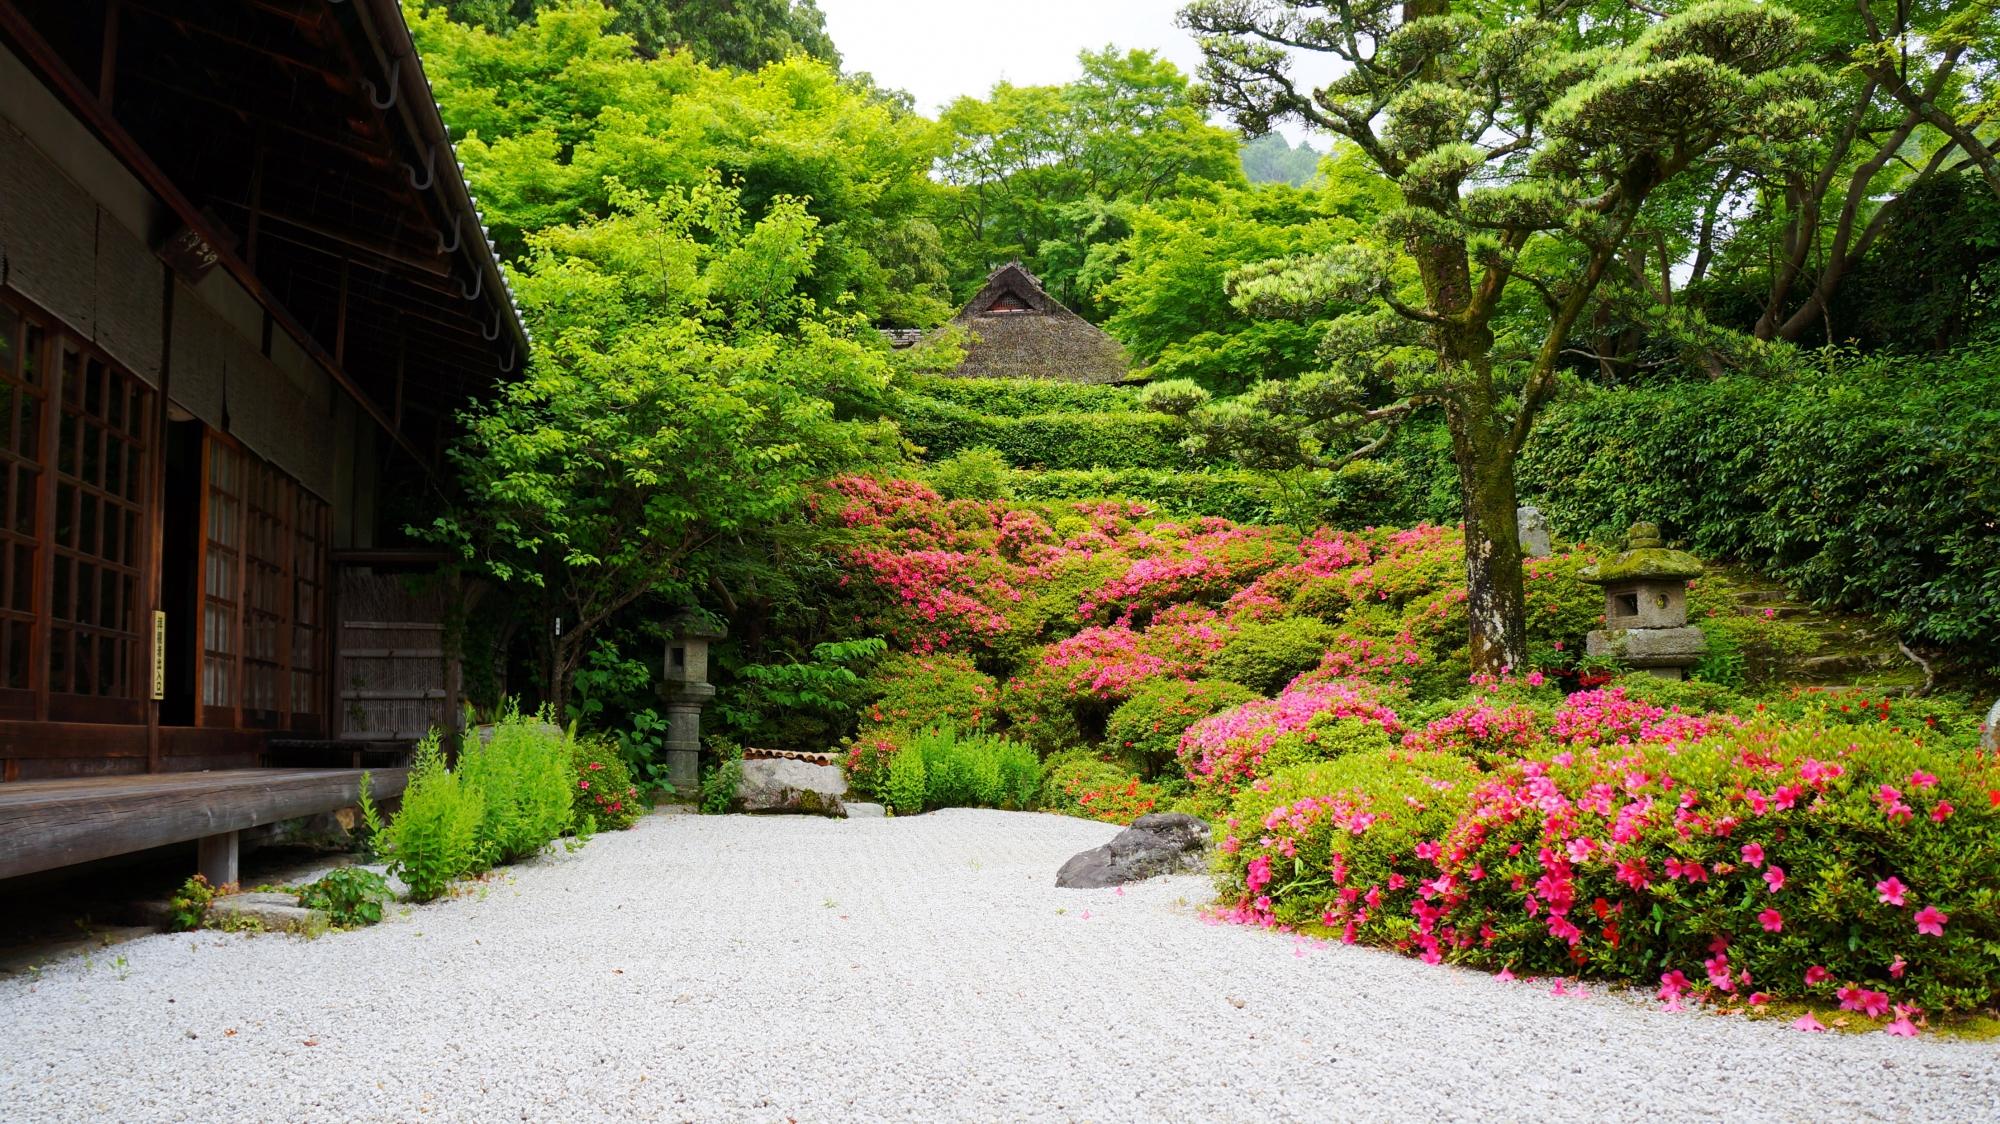 金福寺 さつきと新緑 俳句の名所の華やかな彩り